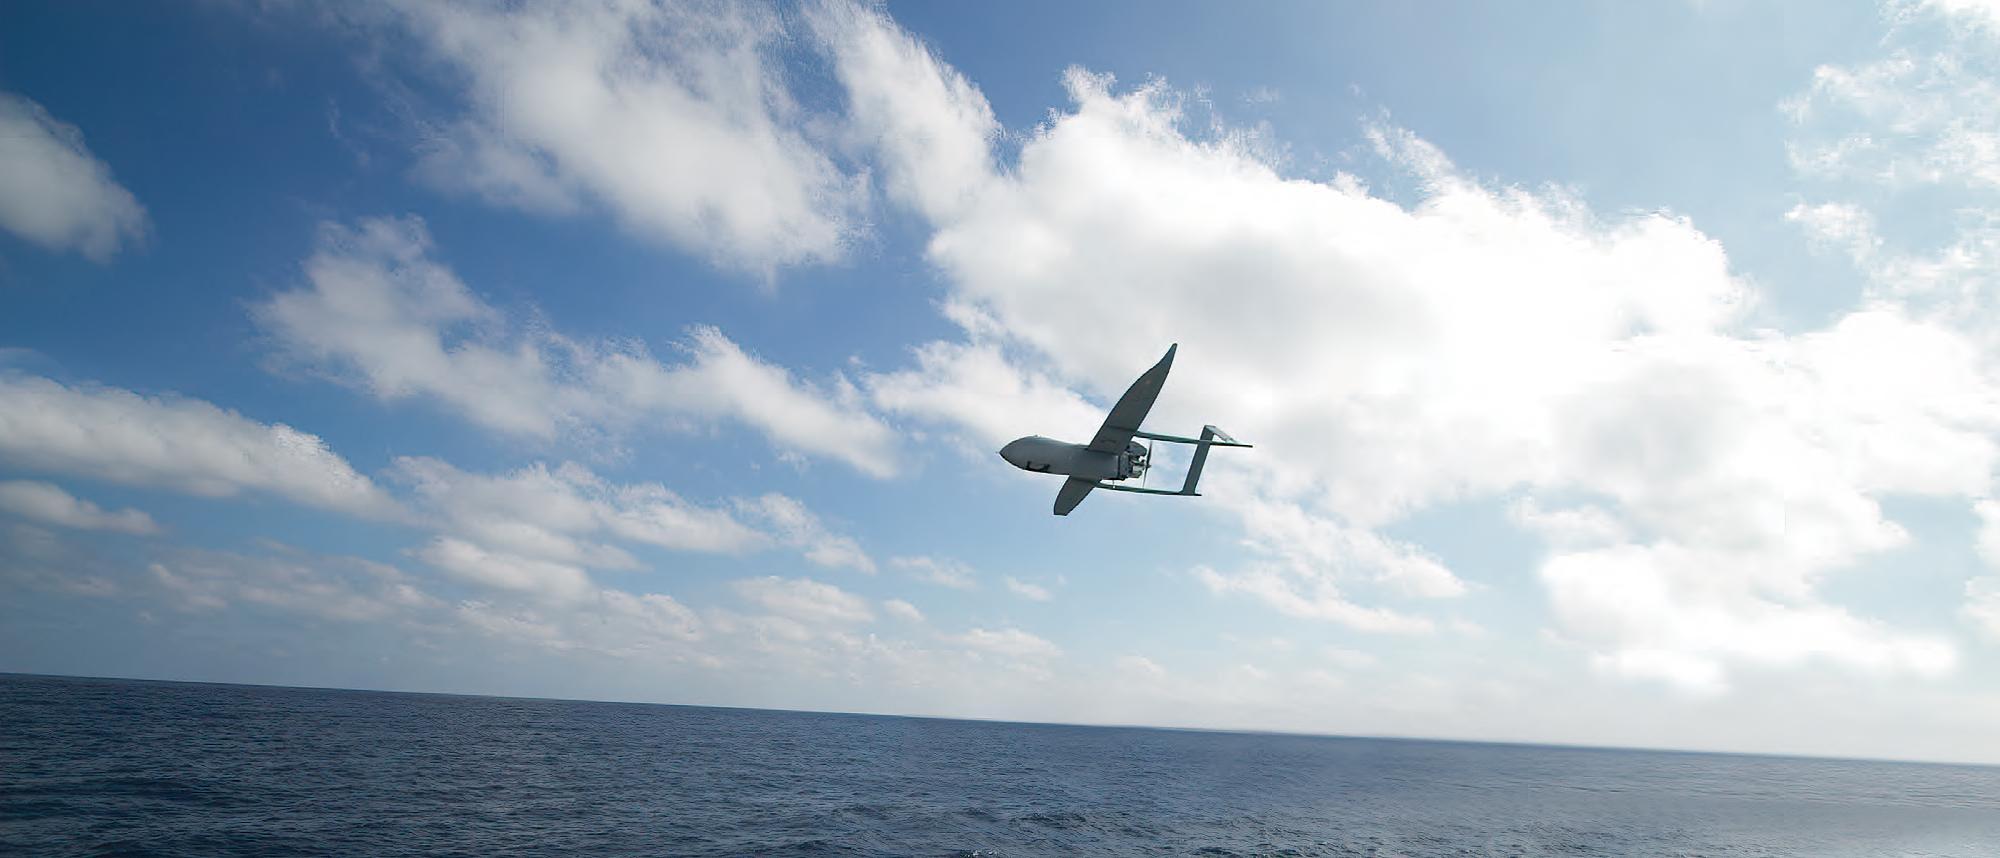 Aerosonde Flying